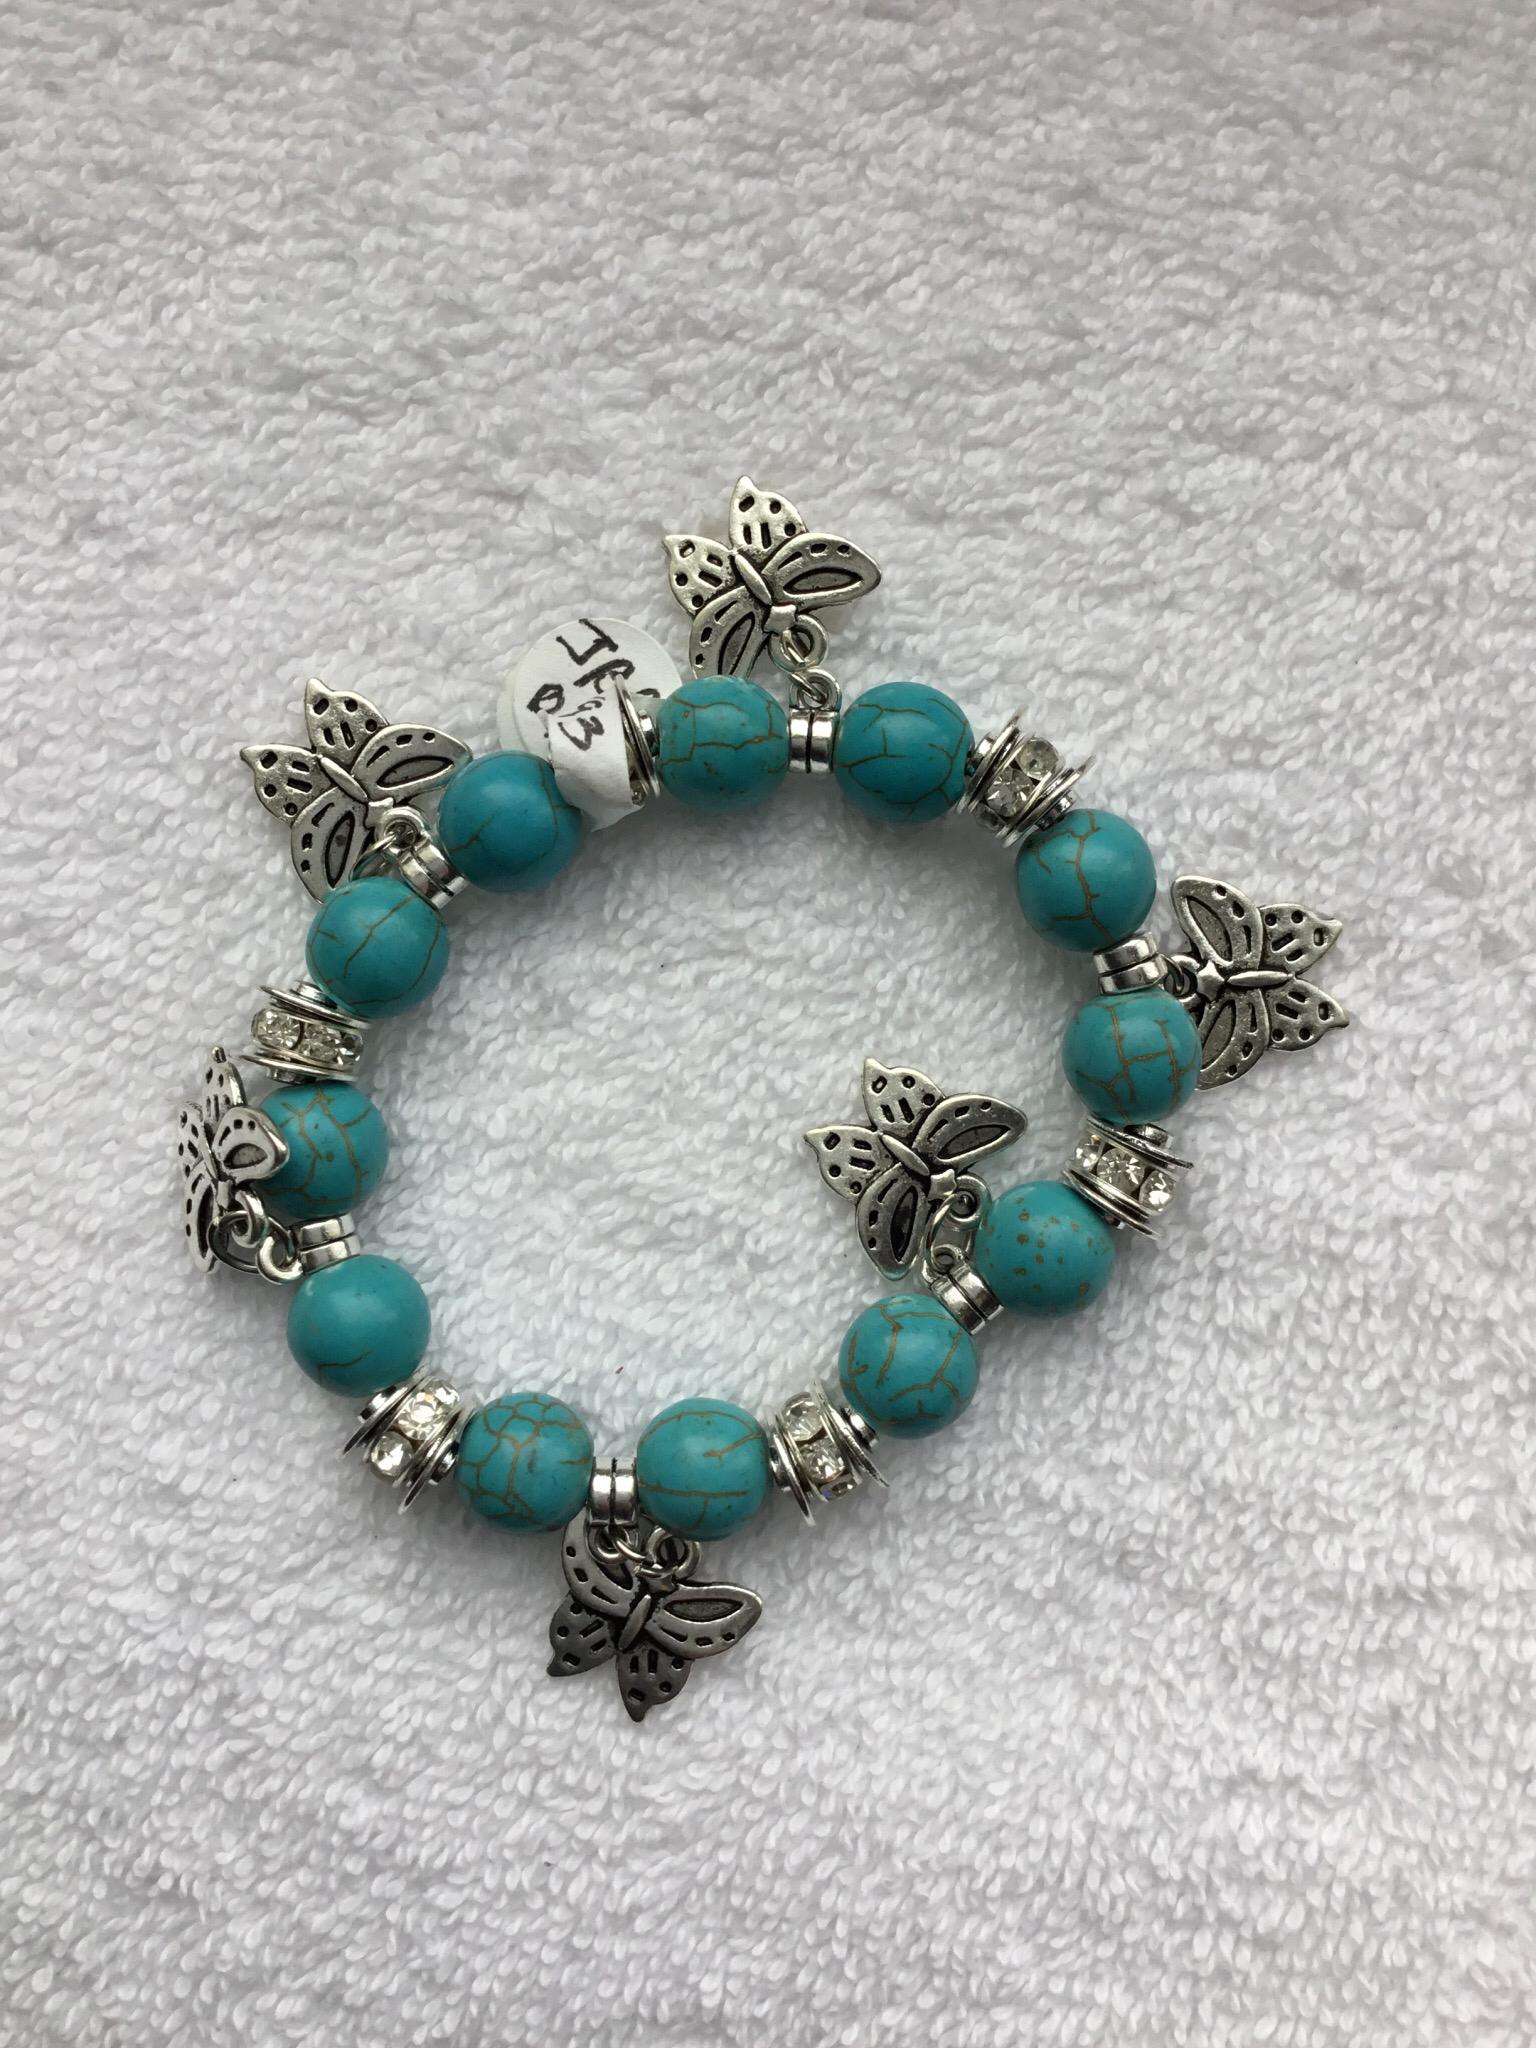 Butterfly Charm Bead Bracelet